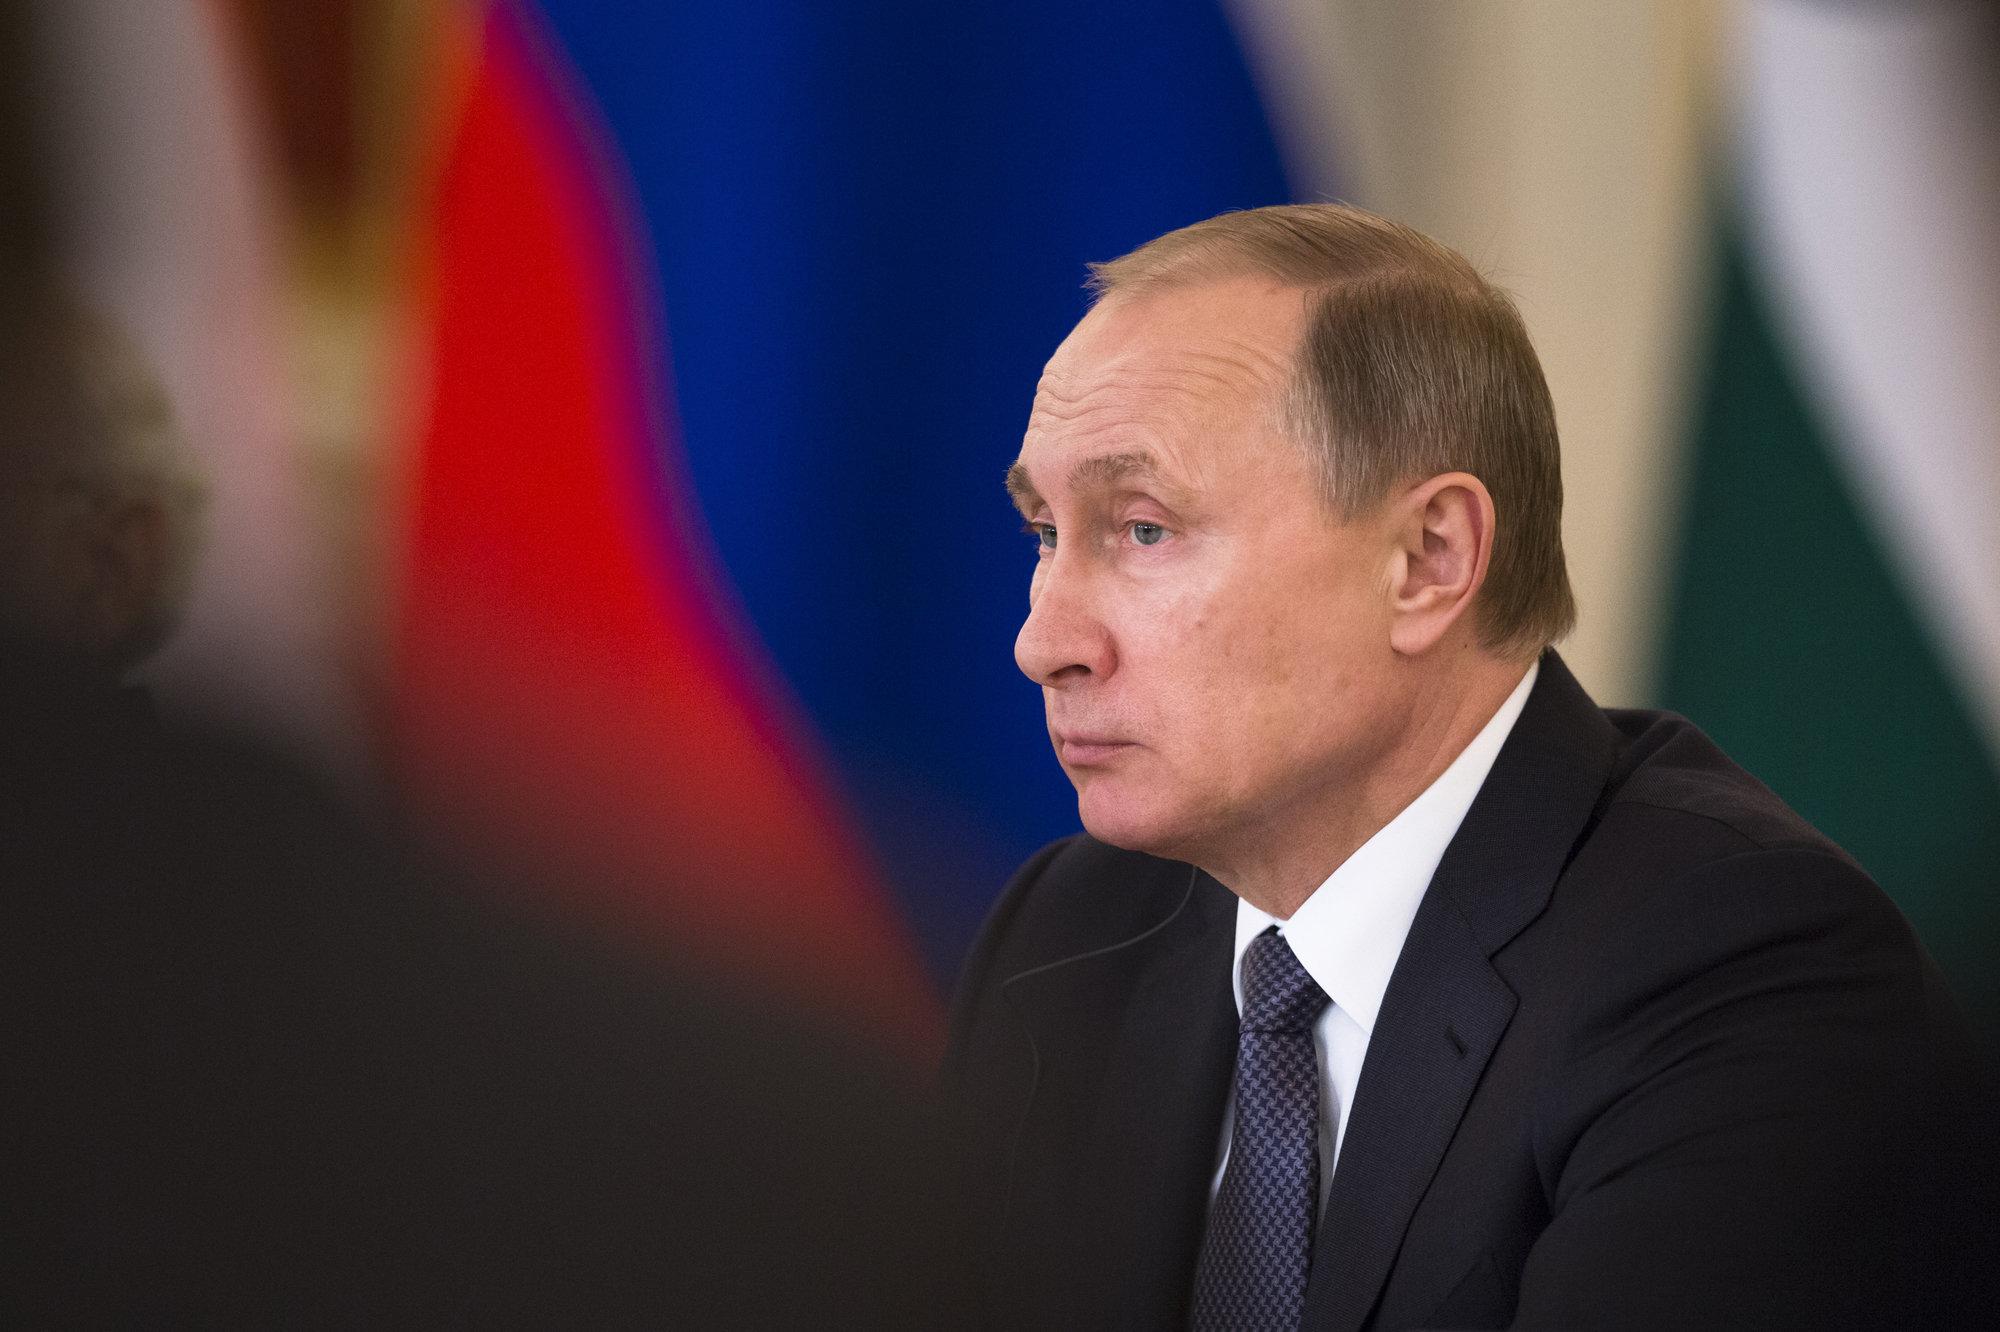 Опрос показывает шизофреническое отношение немцев к России